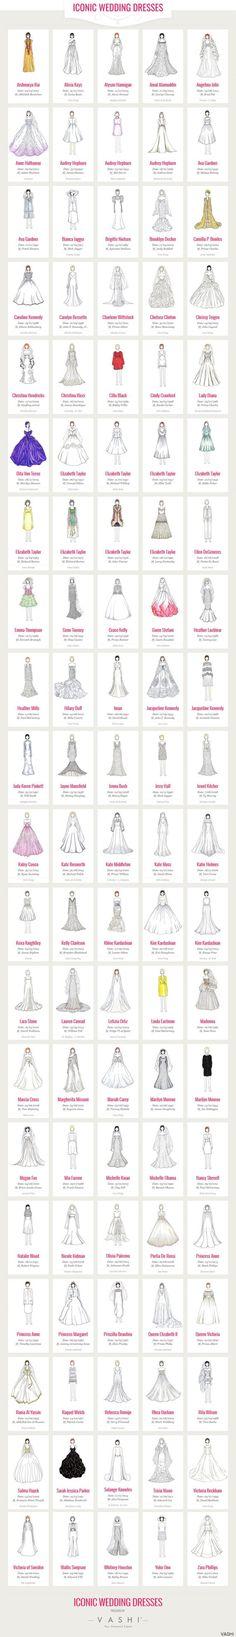 Voyez les 100 robes de mariée les plus mémorables de tous les temps (PHOTO)